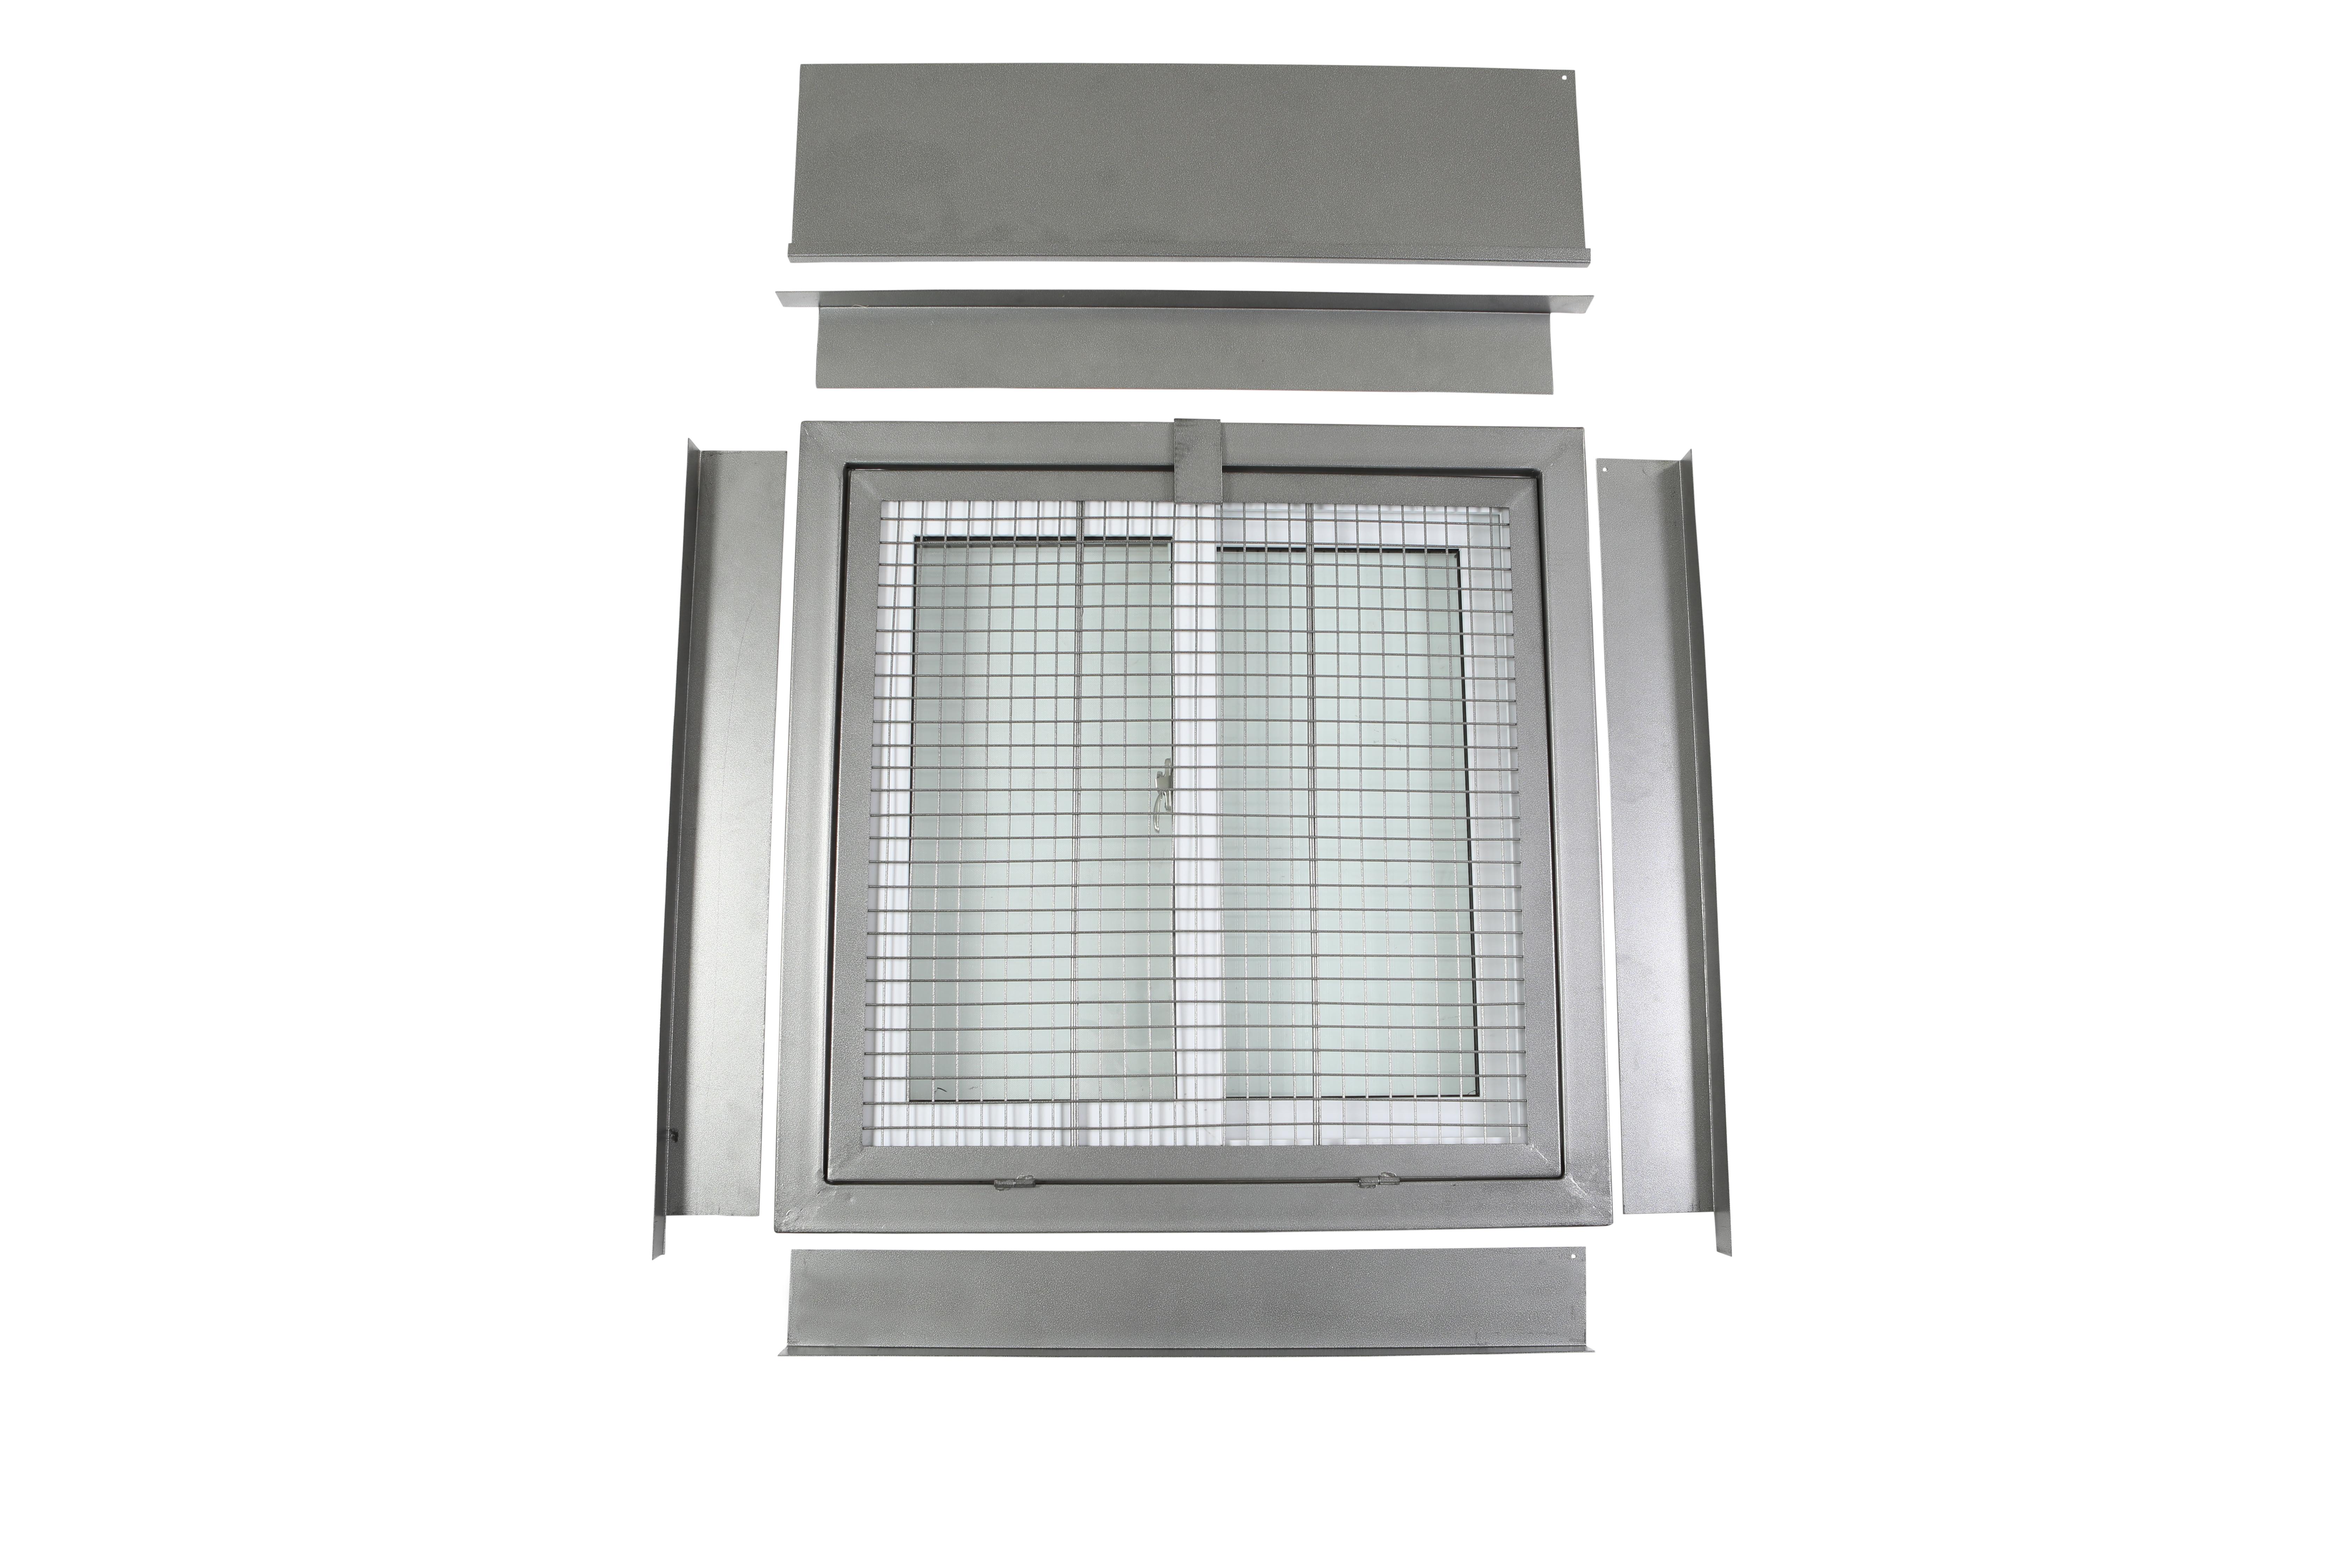 F1c.6066 - 3x3 INSTA window drip plate2